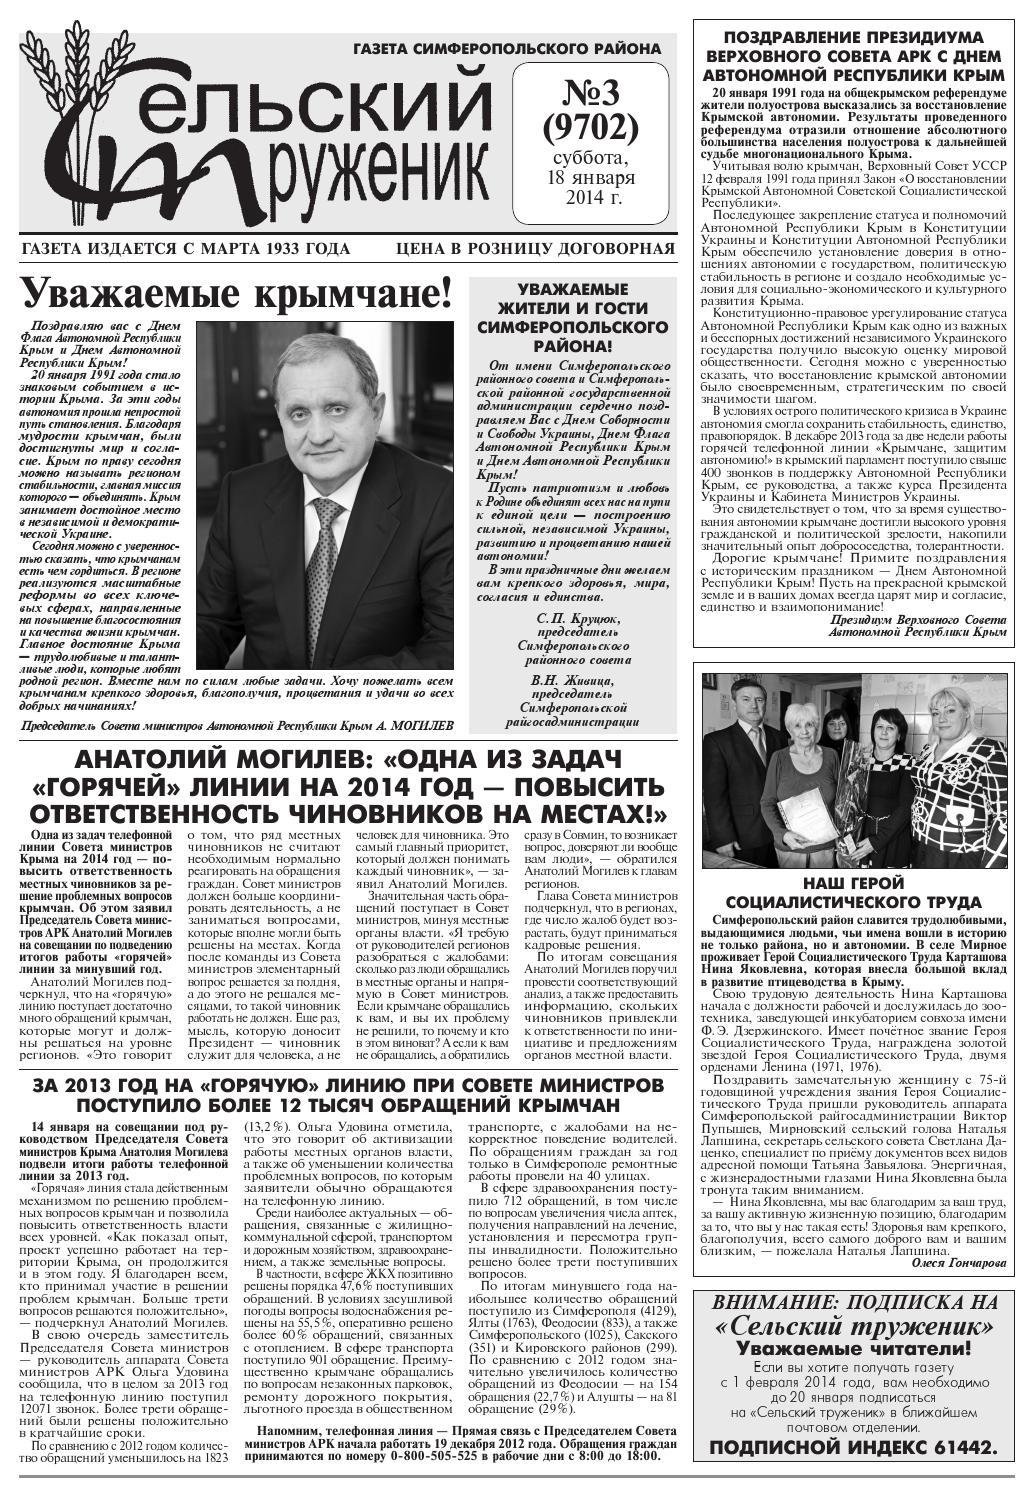 далеко поздравление министра в газете должен загибаться спину